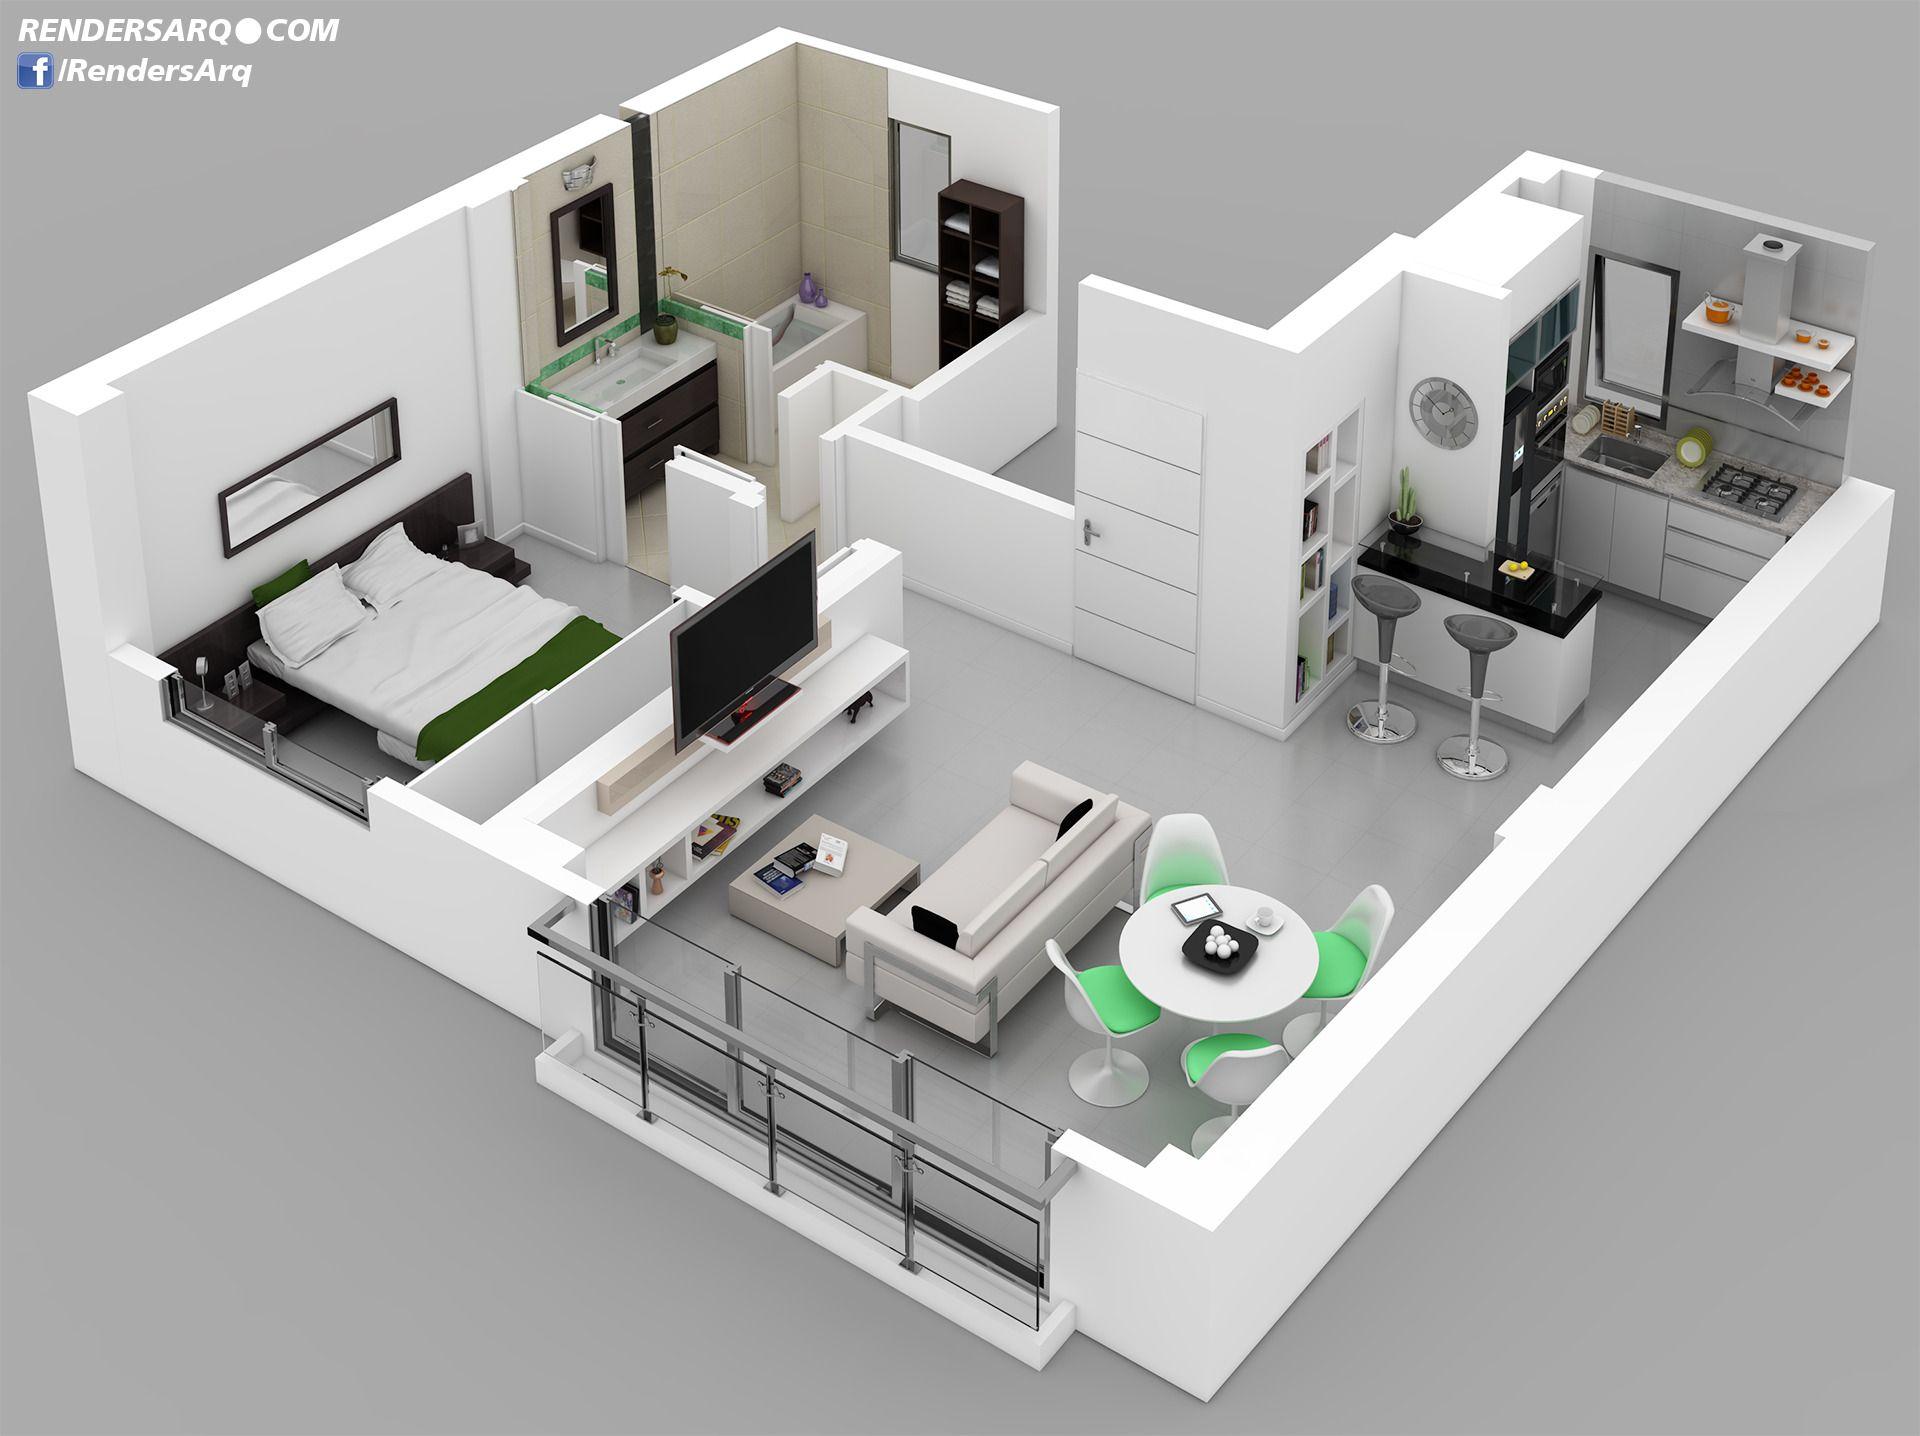 Maquetas de casa modernas por dentro buscar con google for Plano de casa quinta moderna